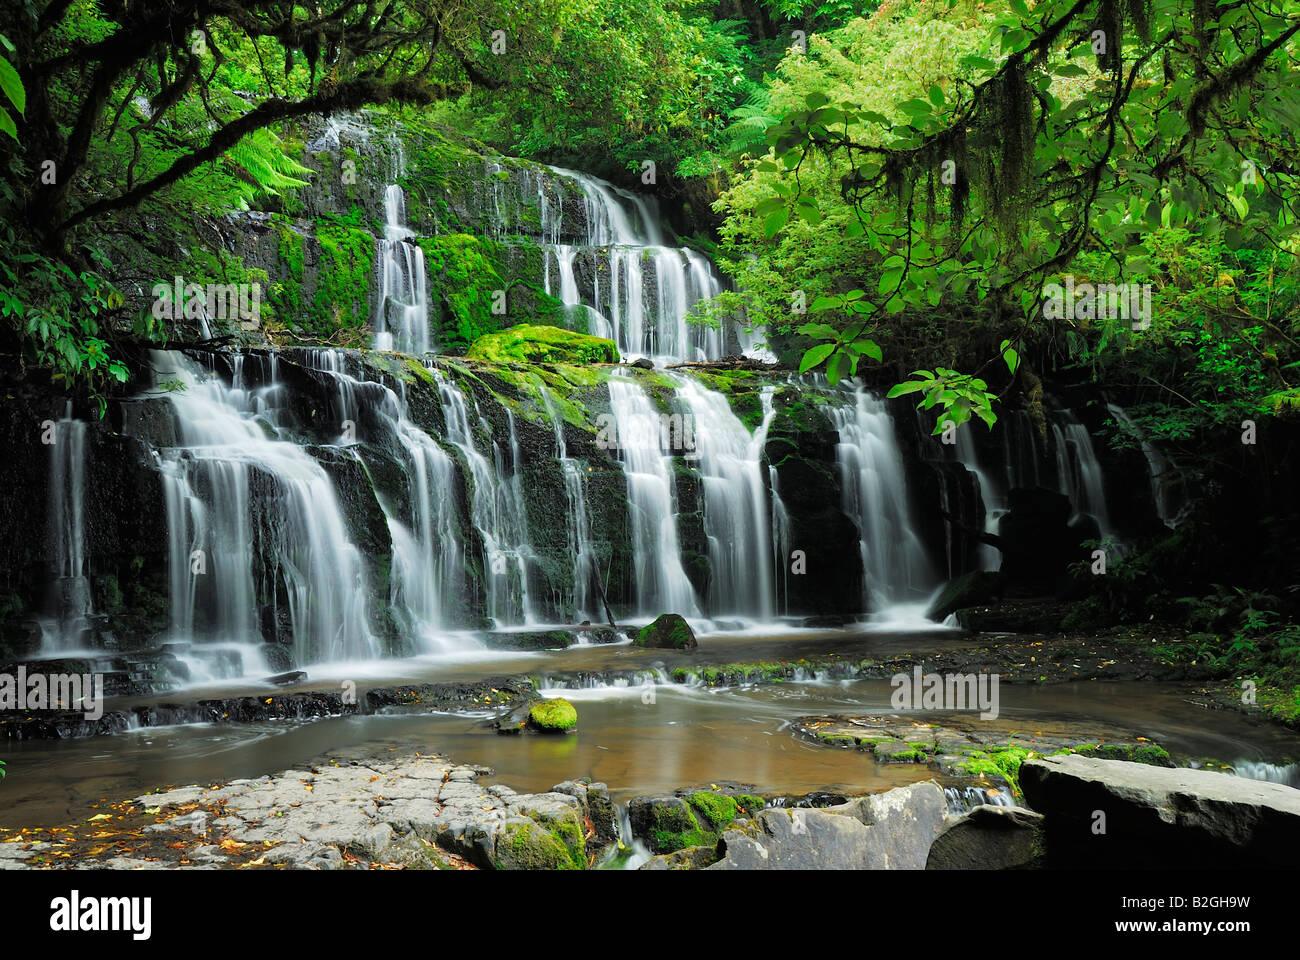 Purakaunui falls parc forestier de catlins otago nouvelle-zélande île du sud jungle Banque D'Images